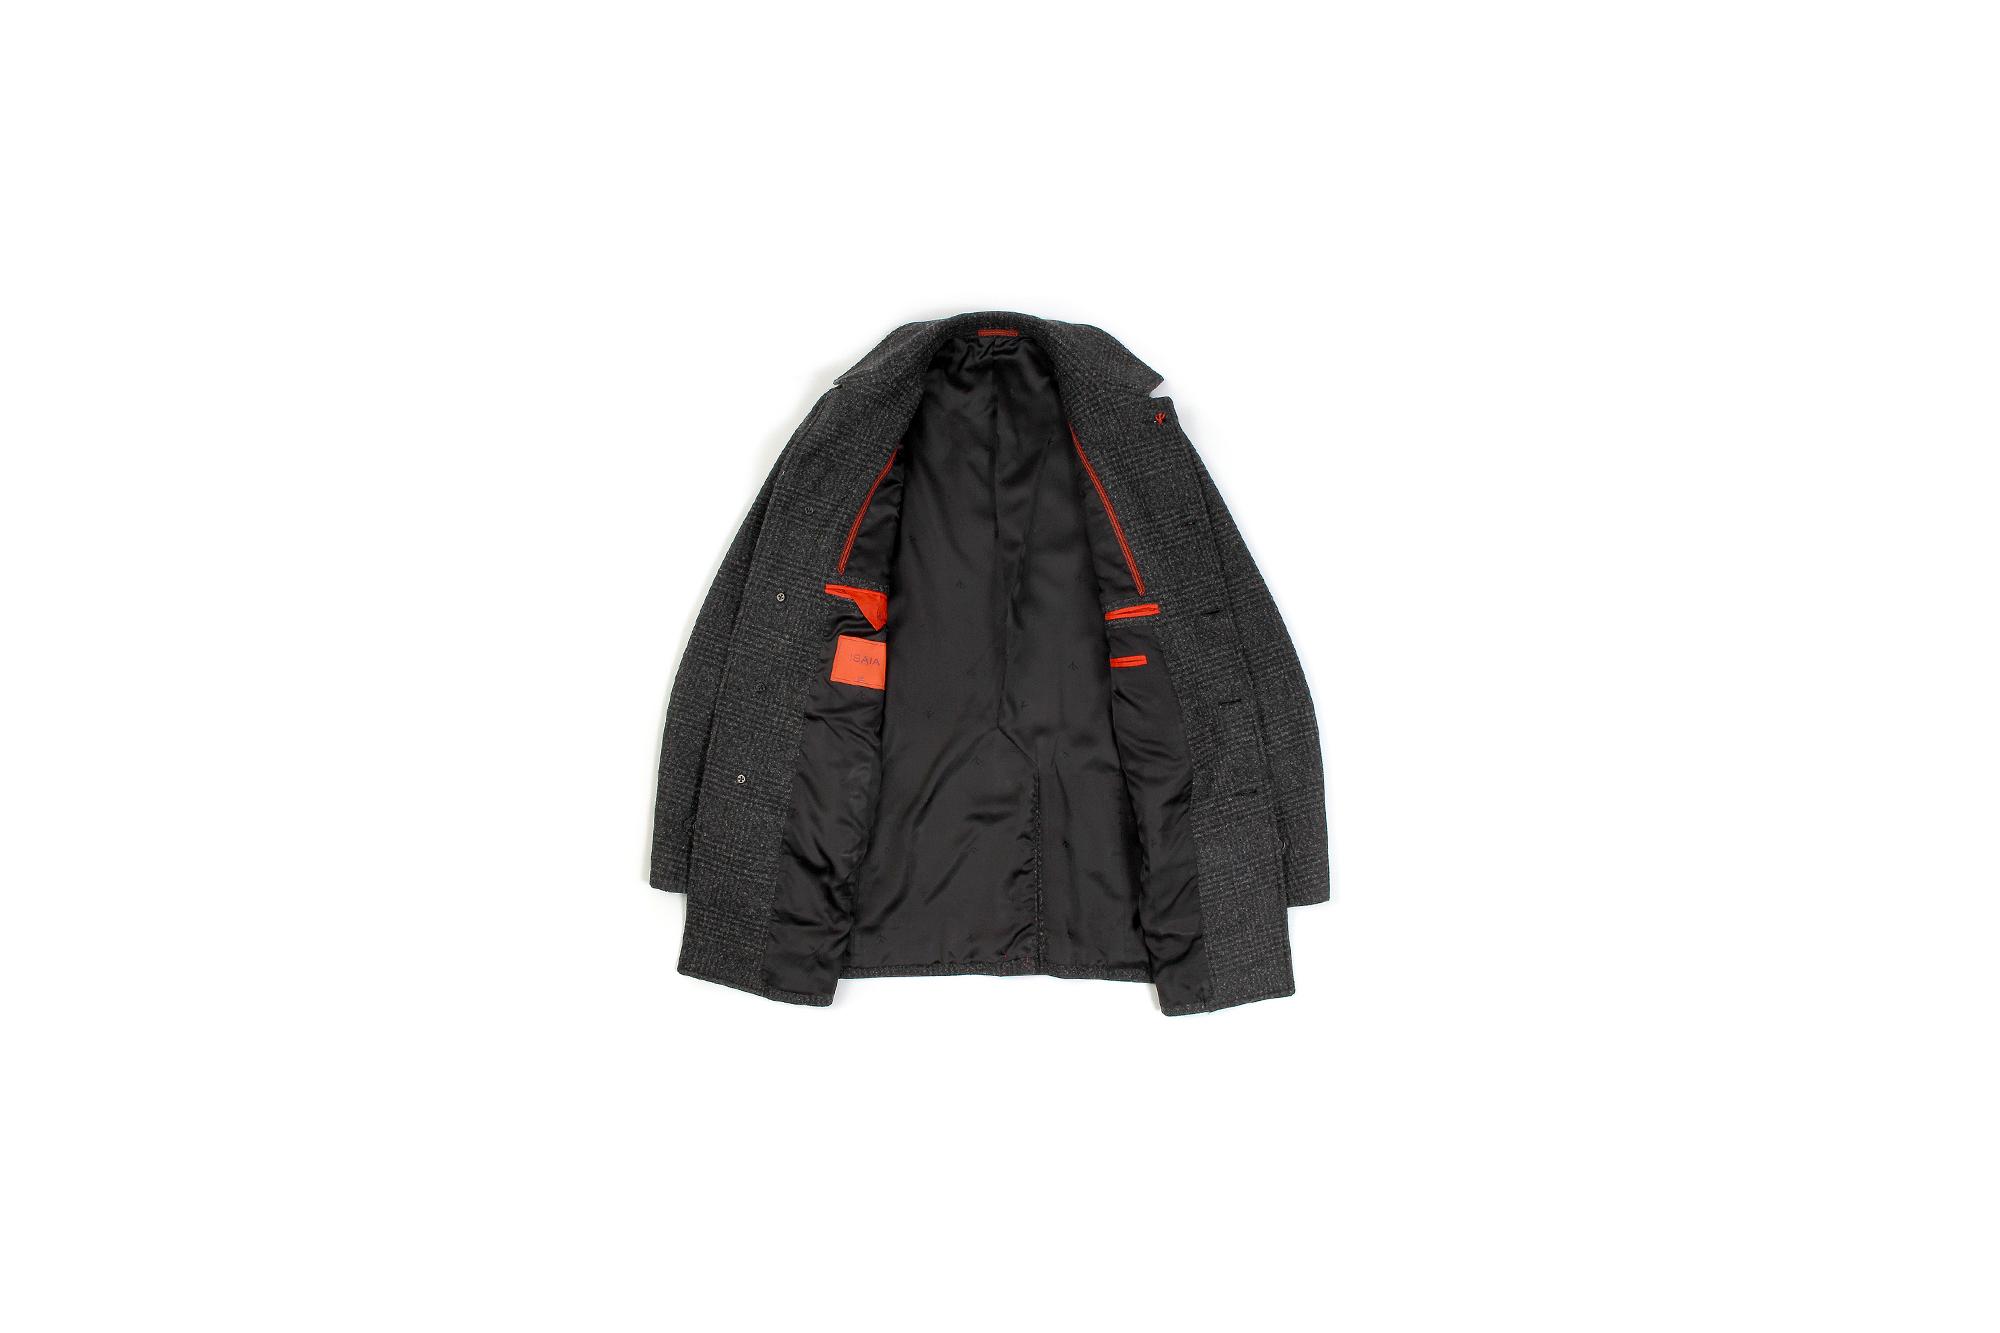 ISAIA (イザイア) CAPPOTTO (カッポット) グレンチェック フラノウール カーコート BLACK (ブラック・990) Made in italy (イタリア製) 2020 秋冬新作 愛知 名古屋 altoediritto アルトエデリット